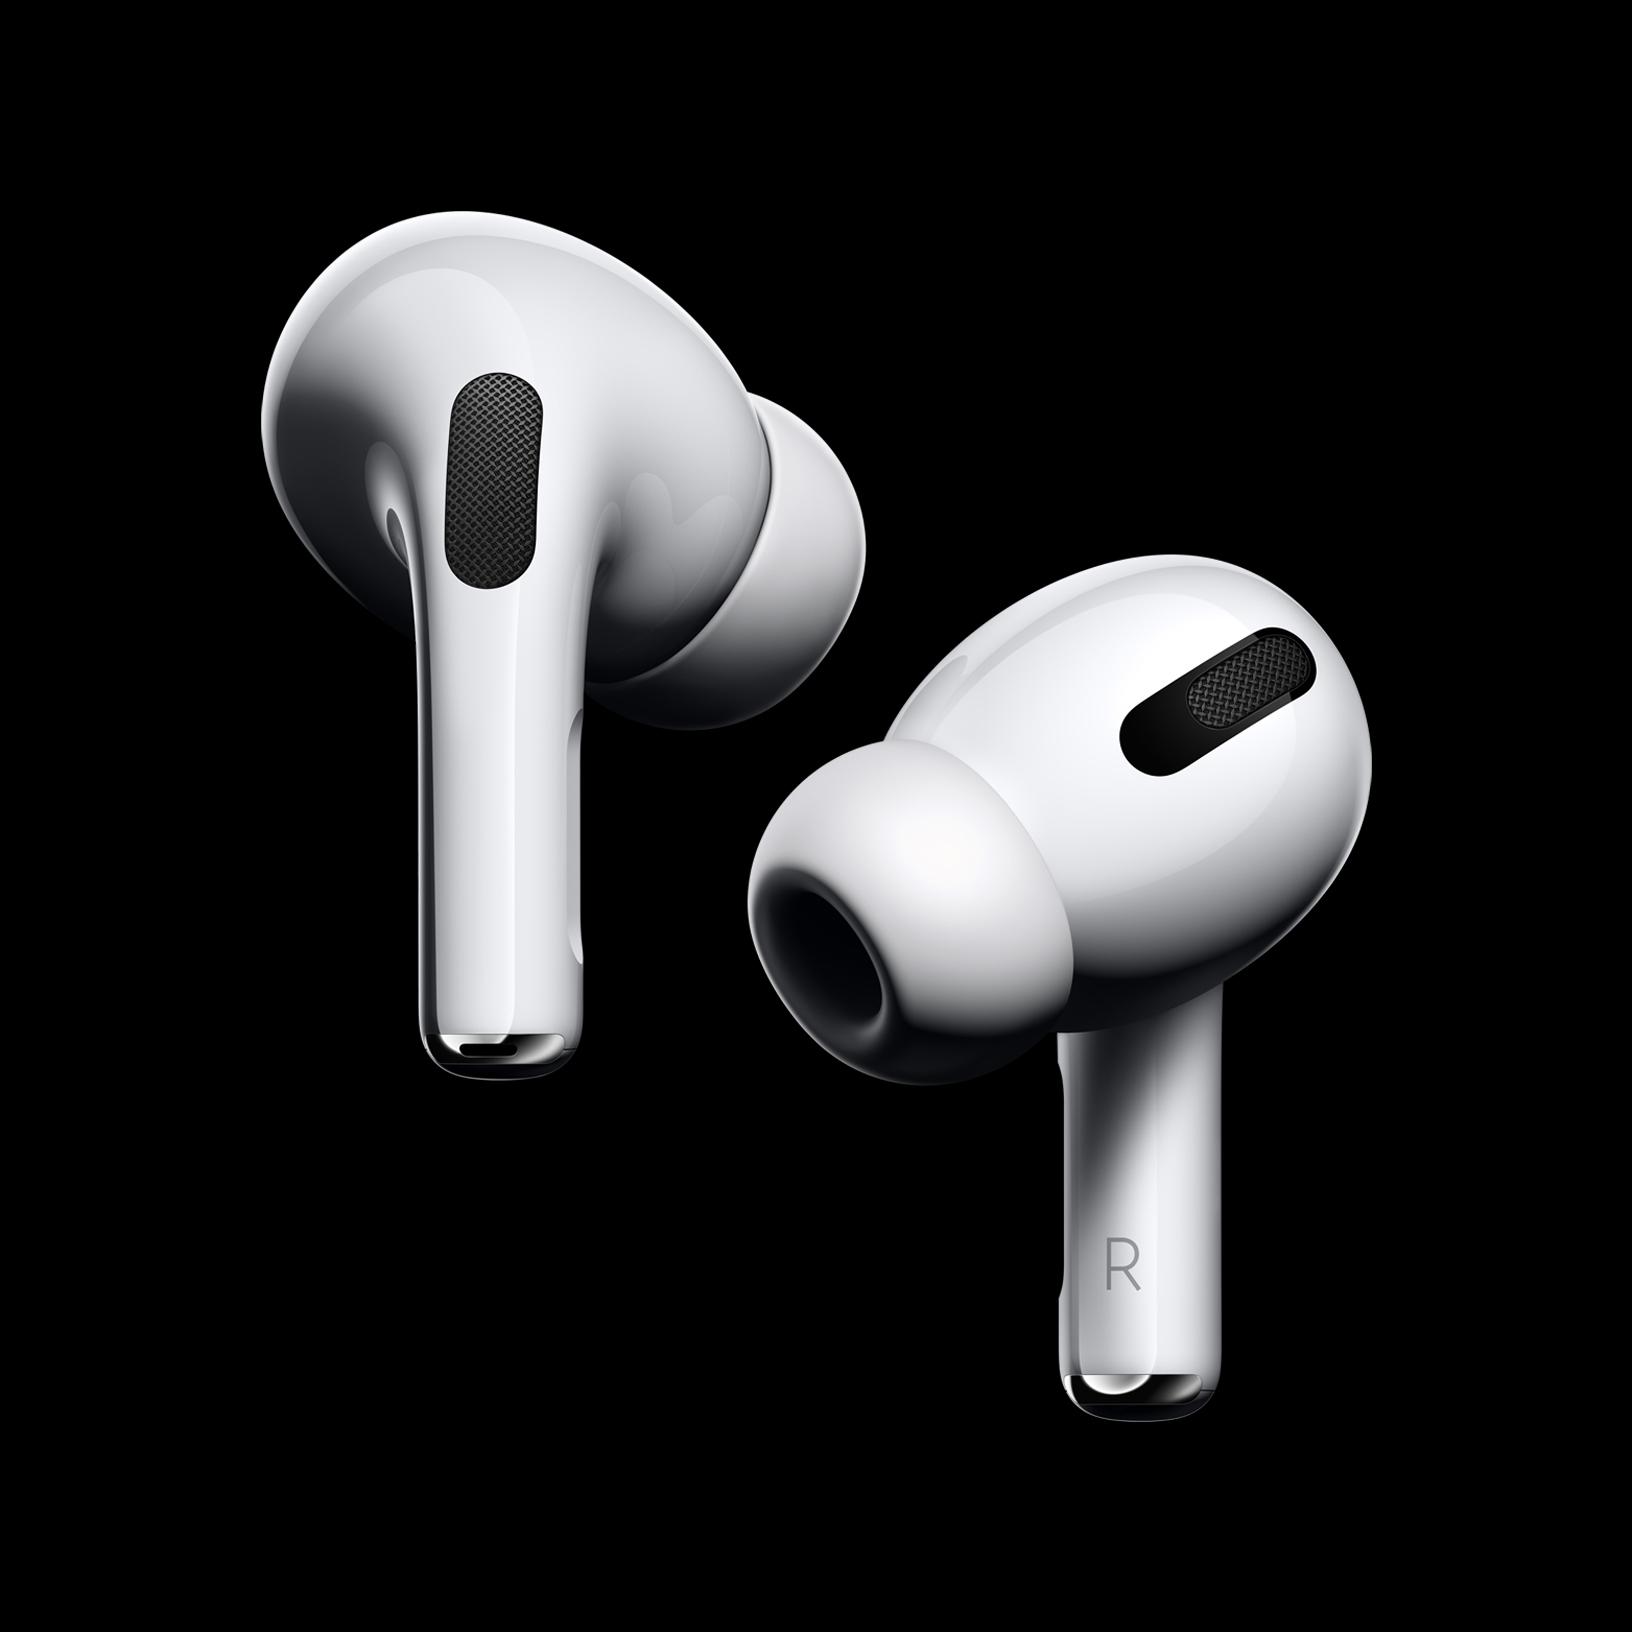 有消息顯示蘋果公司將把AirPods30%的產量移出中國大陸。圖為蘋果新無線耳機AirPods Pro。(蘋果提供)